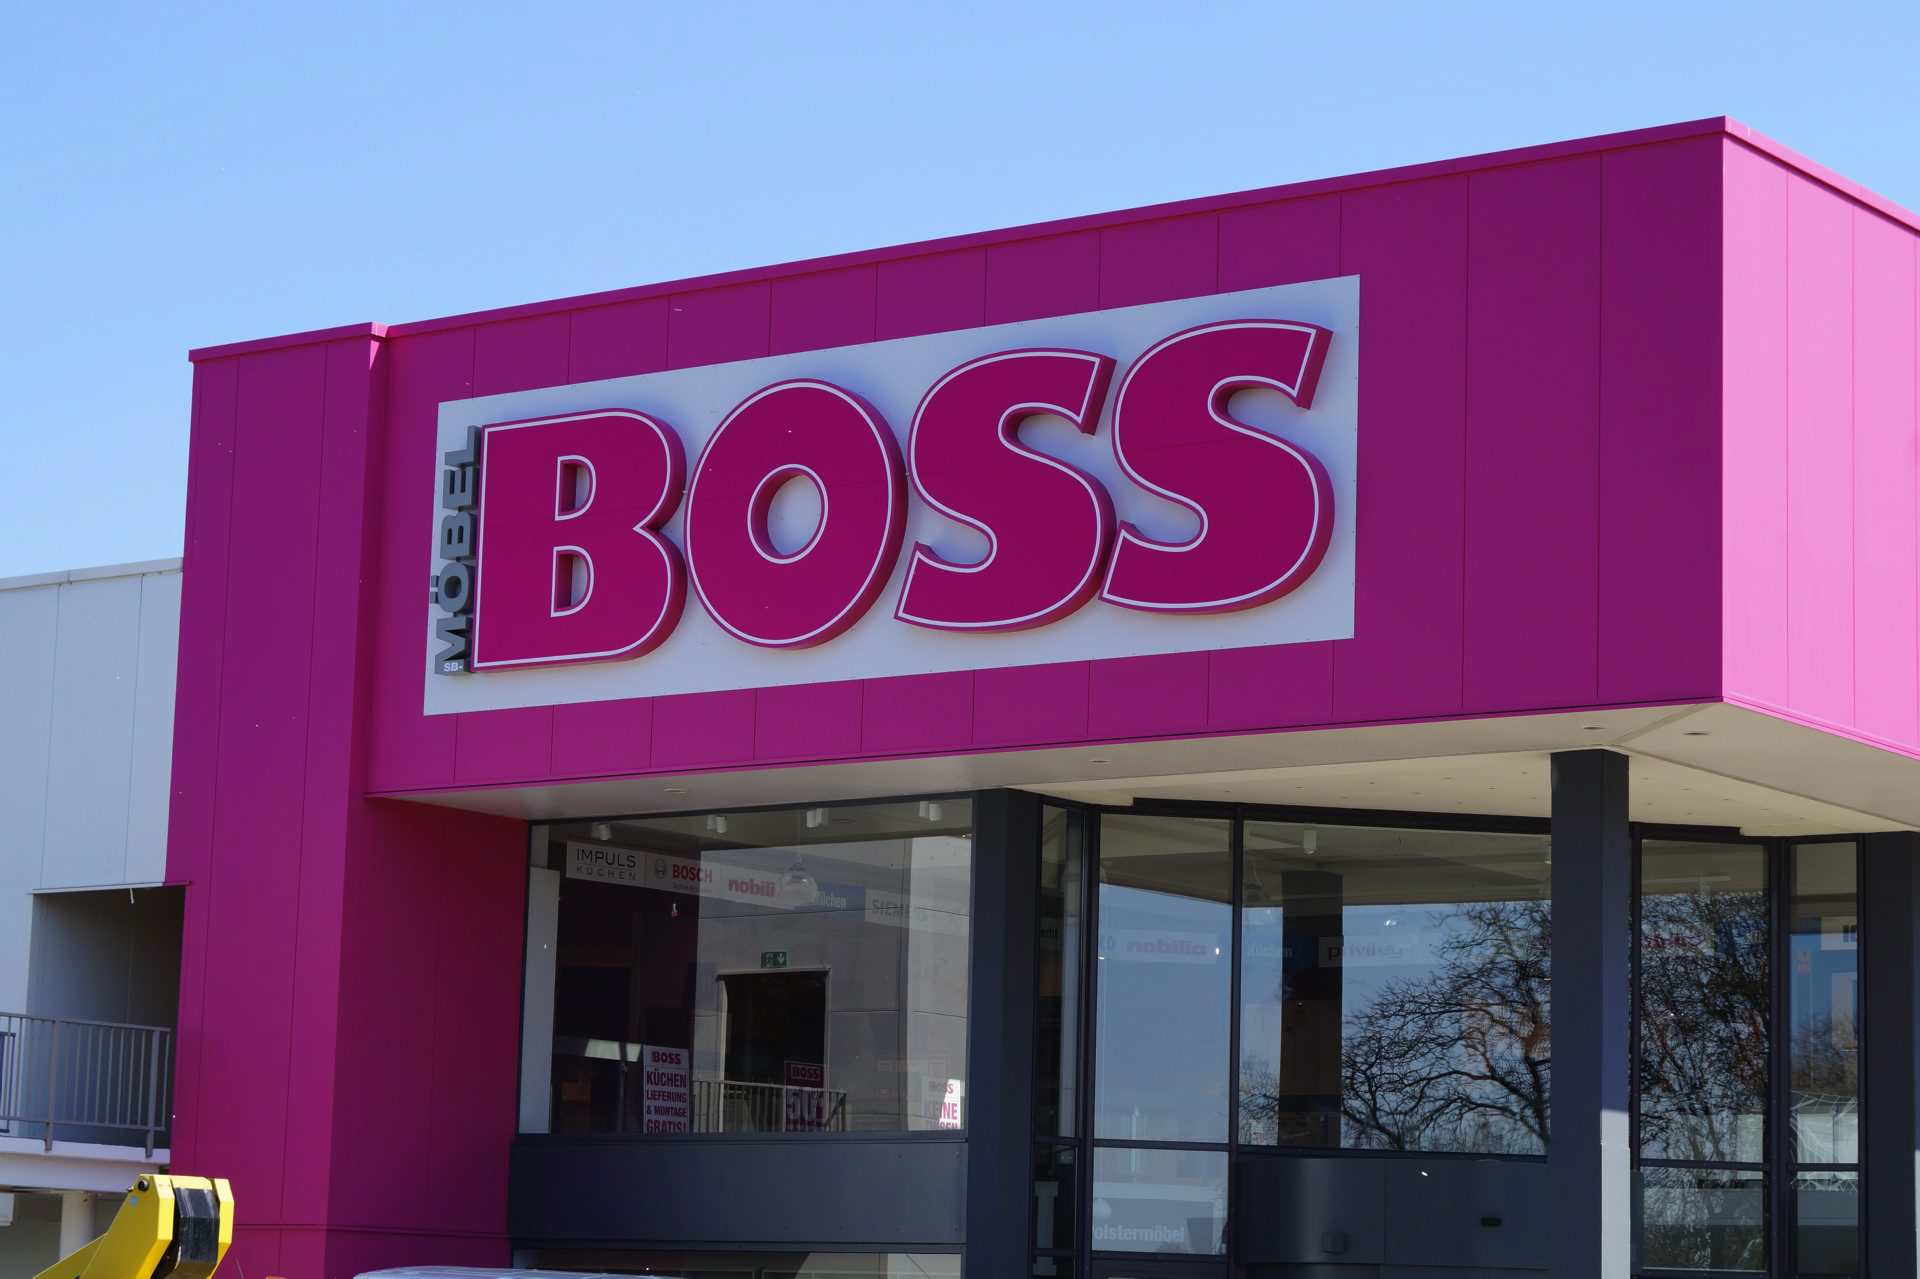 Möbel Boss Aachen Mobel Boss Aachen Retinaonline Store